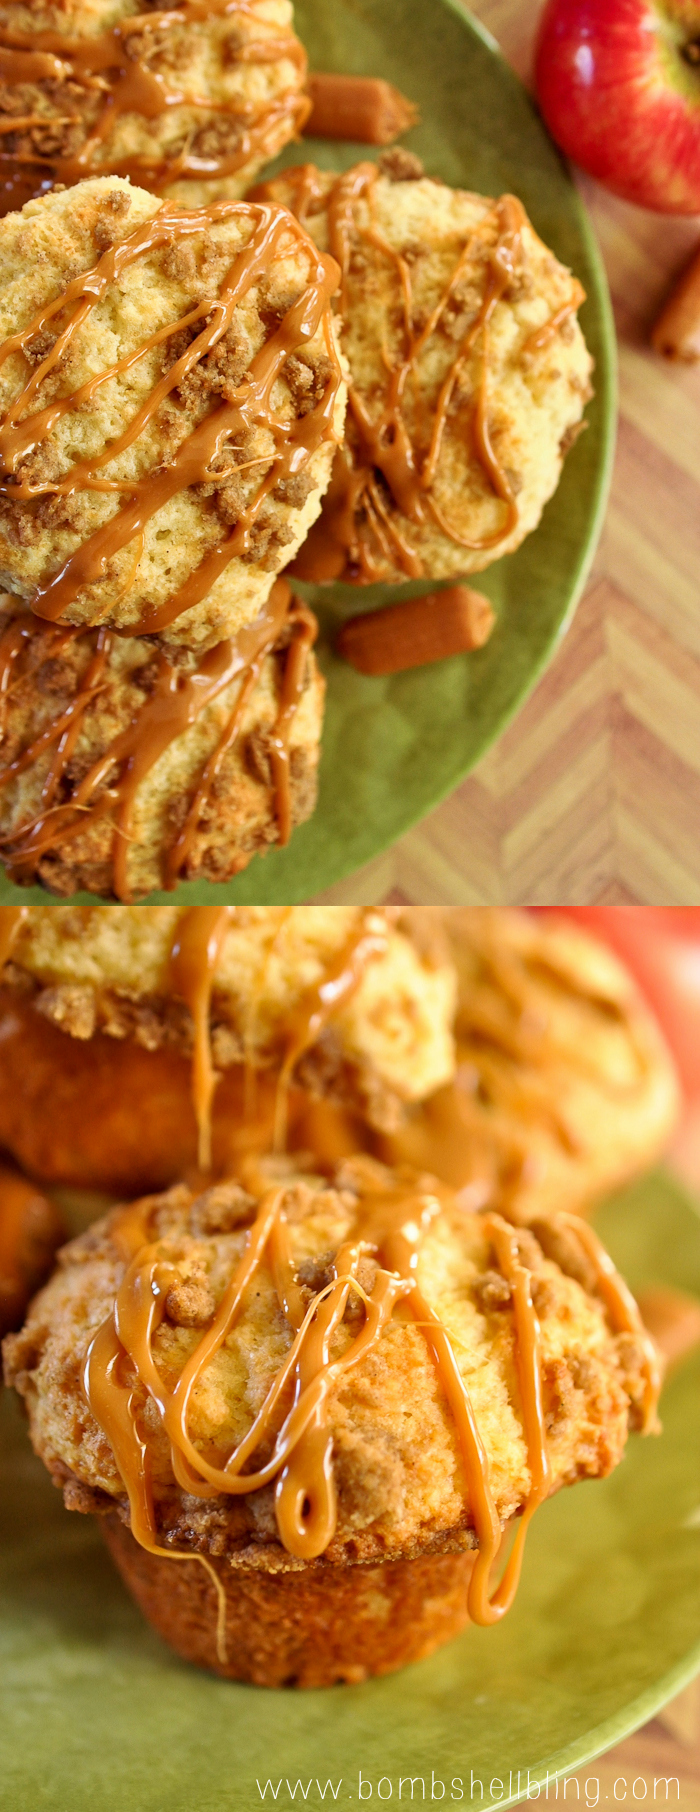 Caramel Apple Muffins Recipe